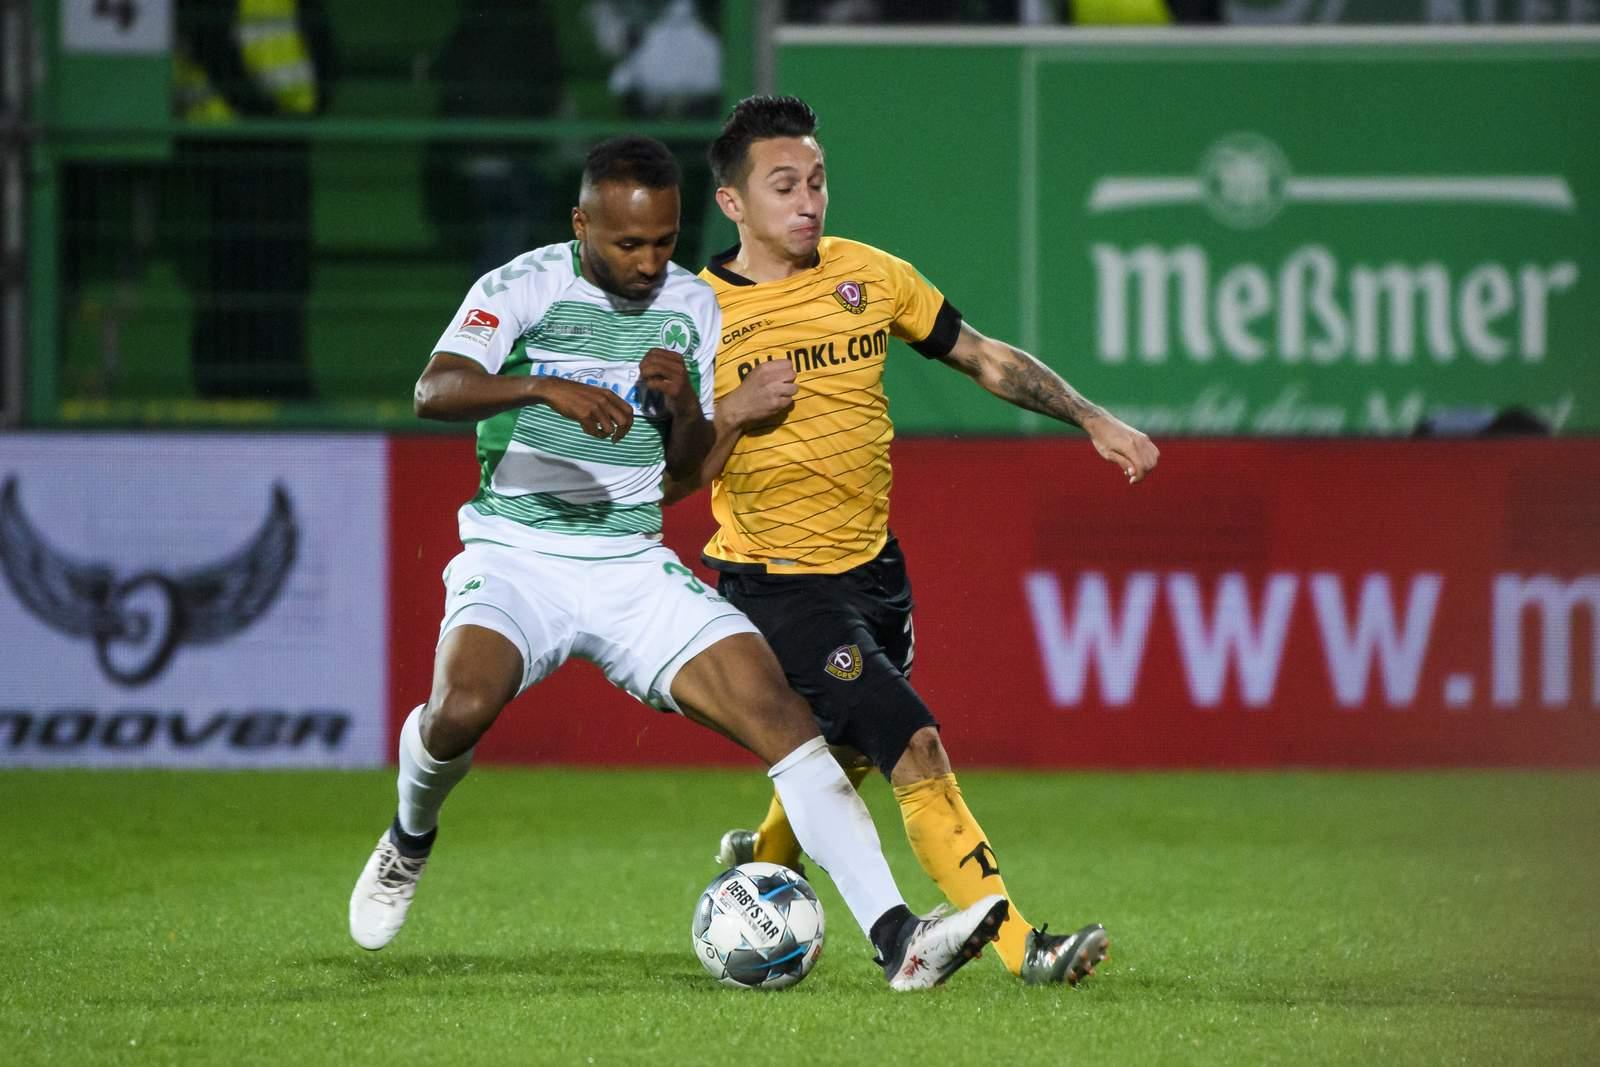 Julian Green von Greuther Fürth gegen Baris Atik von Dynamo Dresden.